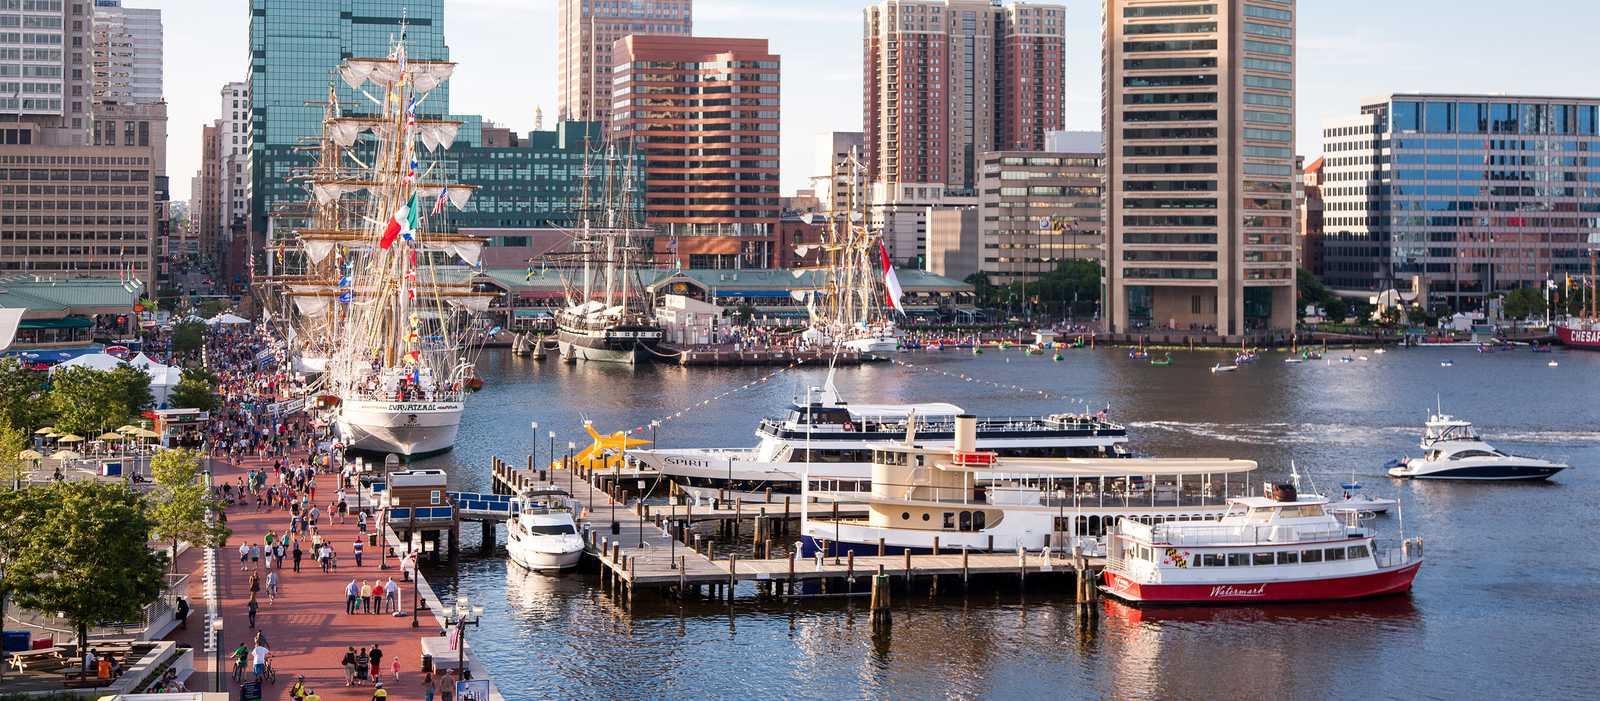 Hafen von Baltimore, Maryland